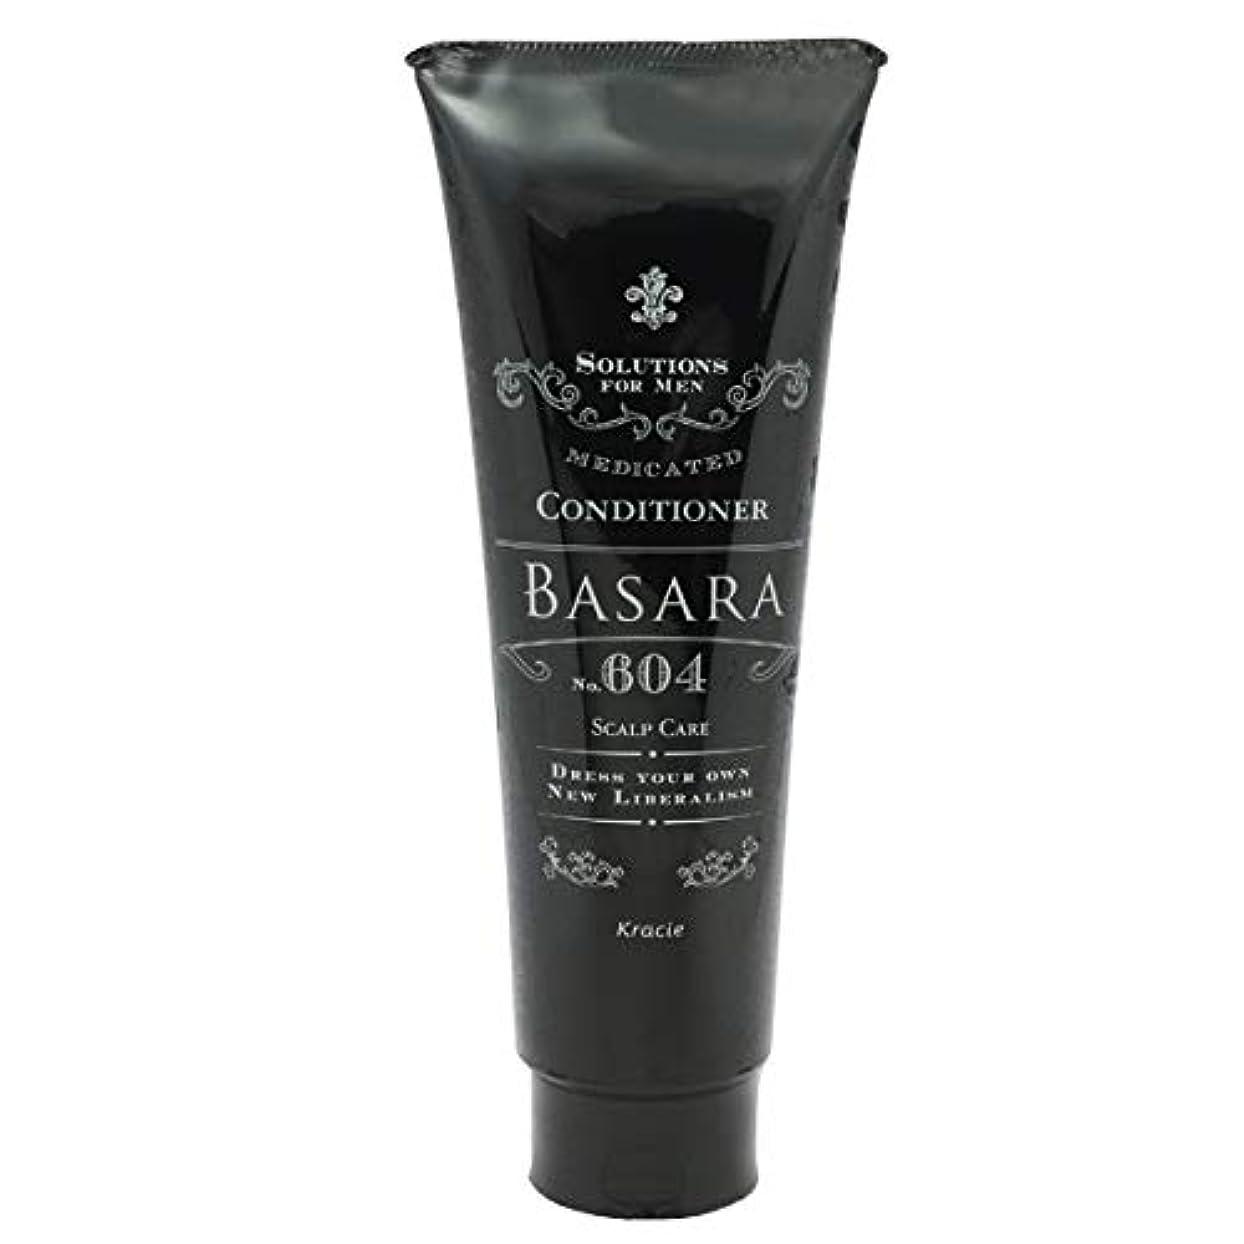 降ろす恥ずかしい規則性サロンモード(Salon Mode) クラシエ バサラ 薬用スカルプ コンディショナー 604 250g